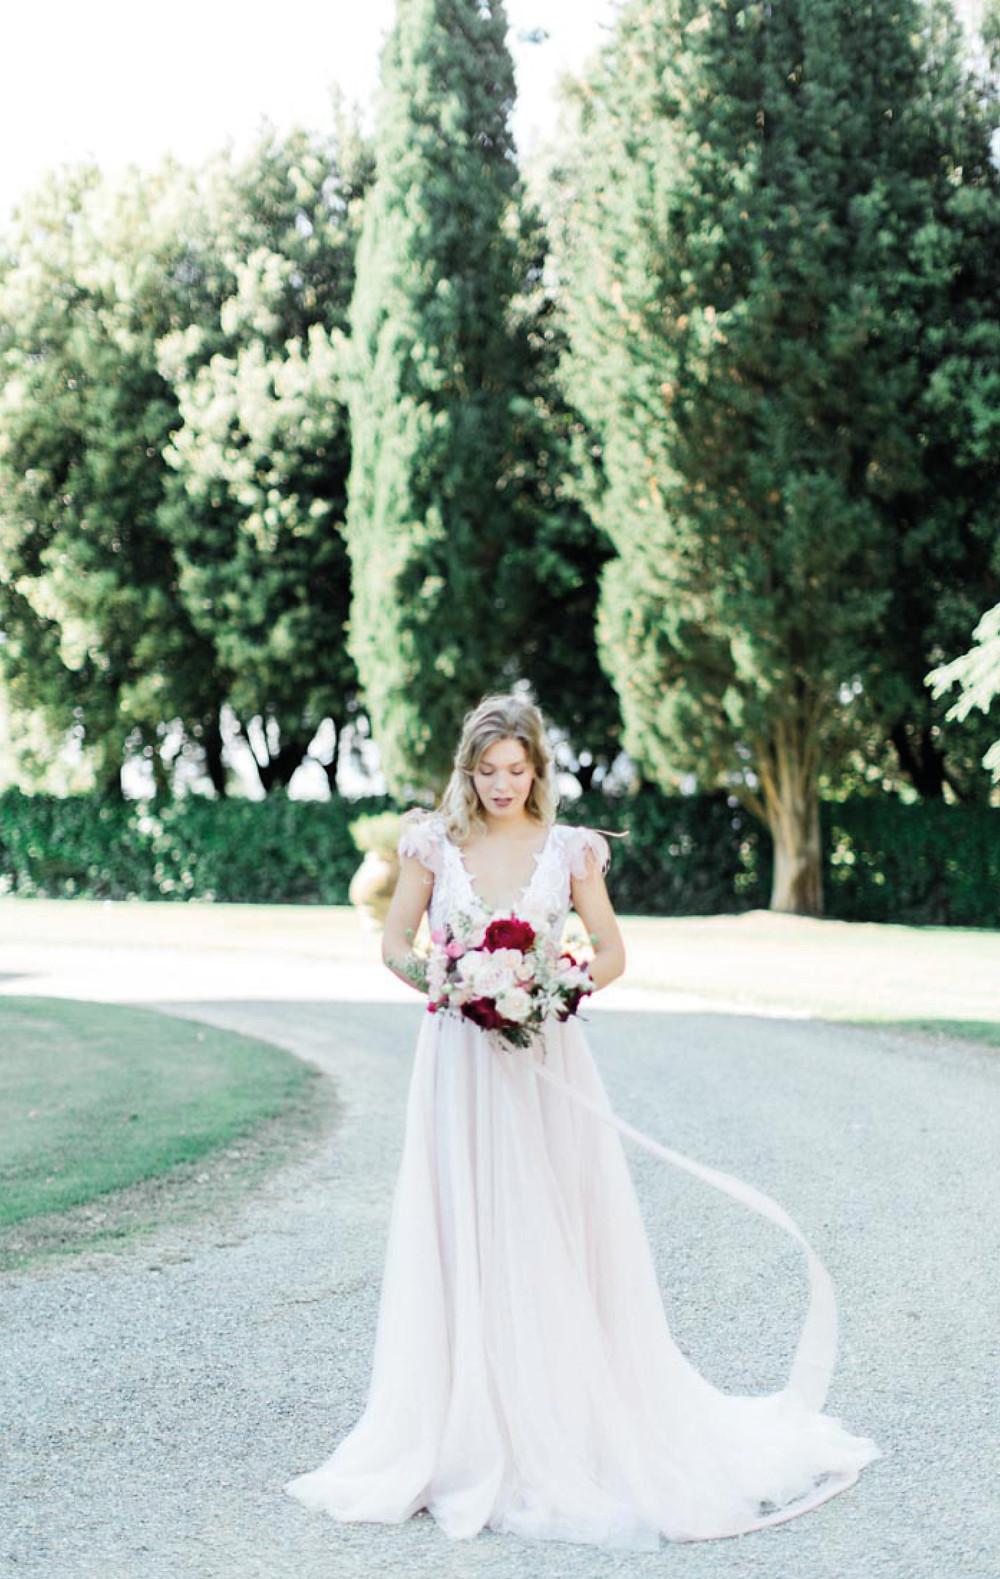 abito da sposa ispirato alla favola di Shakespeare, sogno di una notte di mezza estate in Toscana